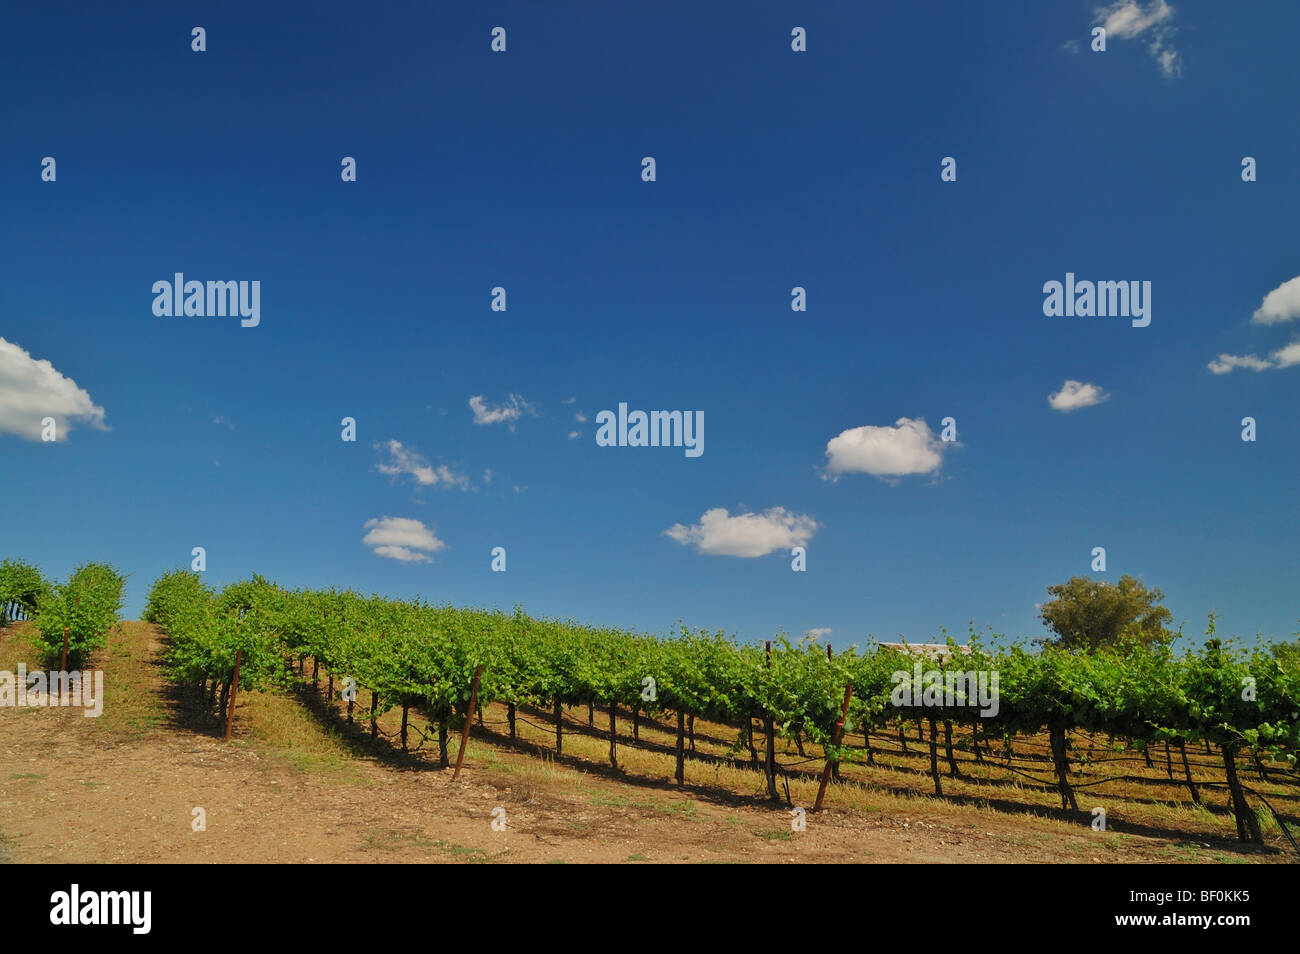 Vineyard in Central California near Sacramento Stock Photo